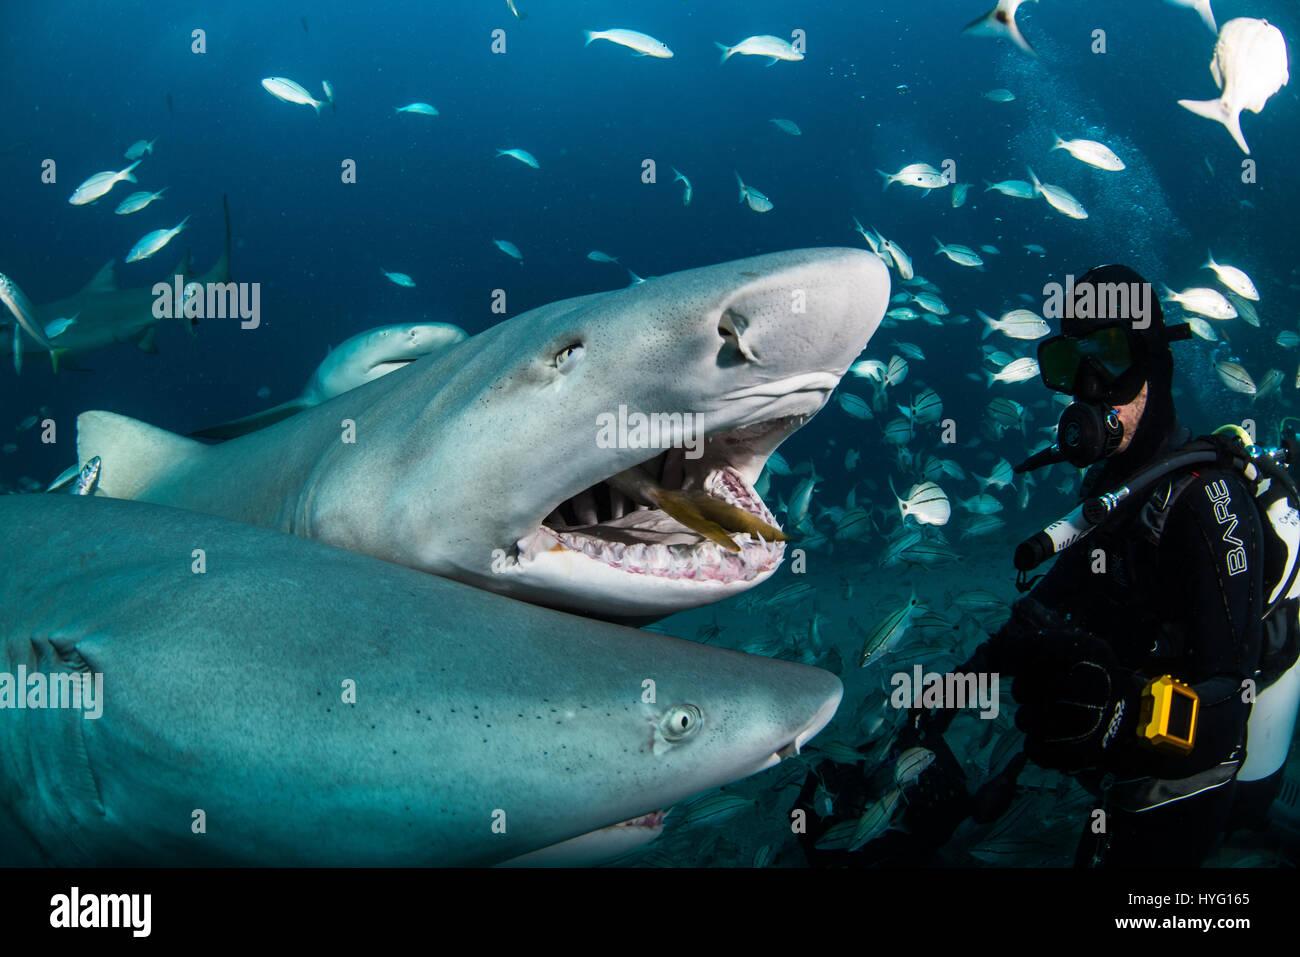 JUPITER FLORIDA TIGER BEACH BAHAMAS Photo Of Sharks Swarming Towards Food And Huddling Round